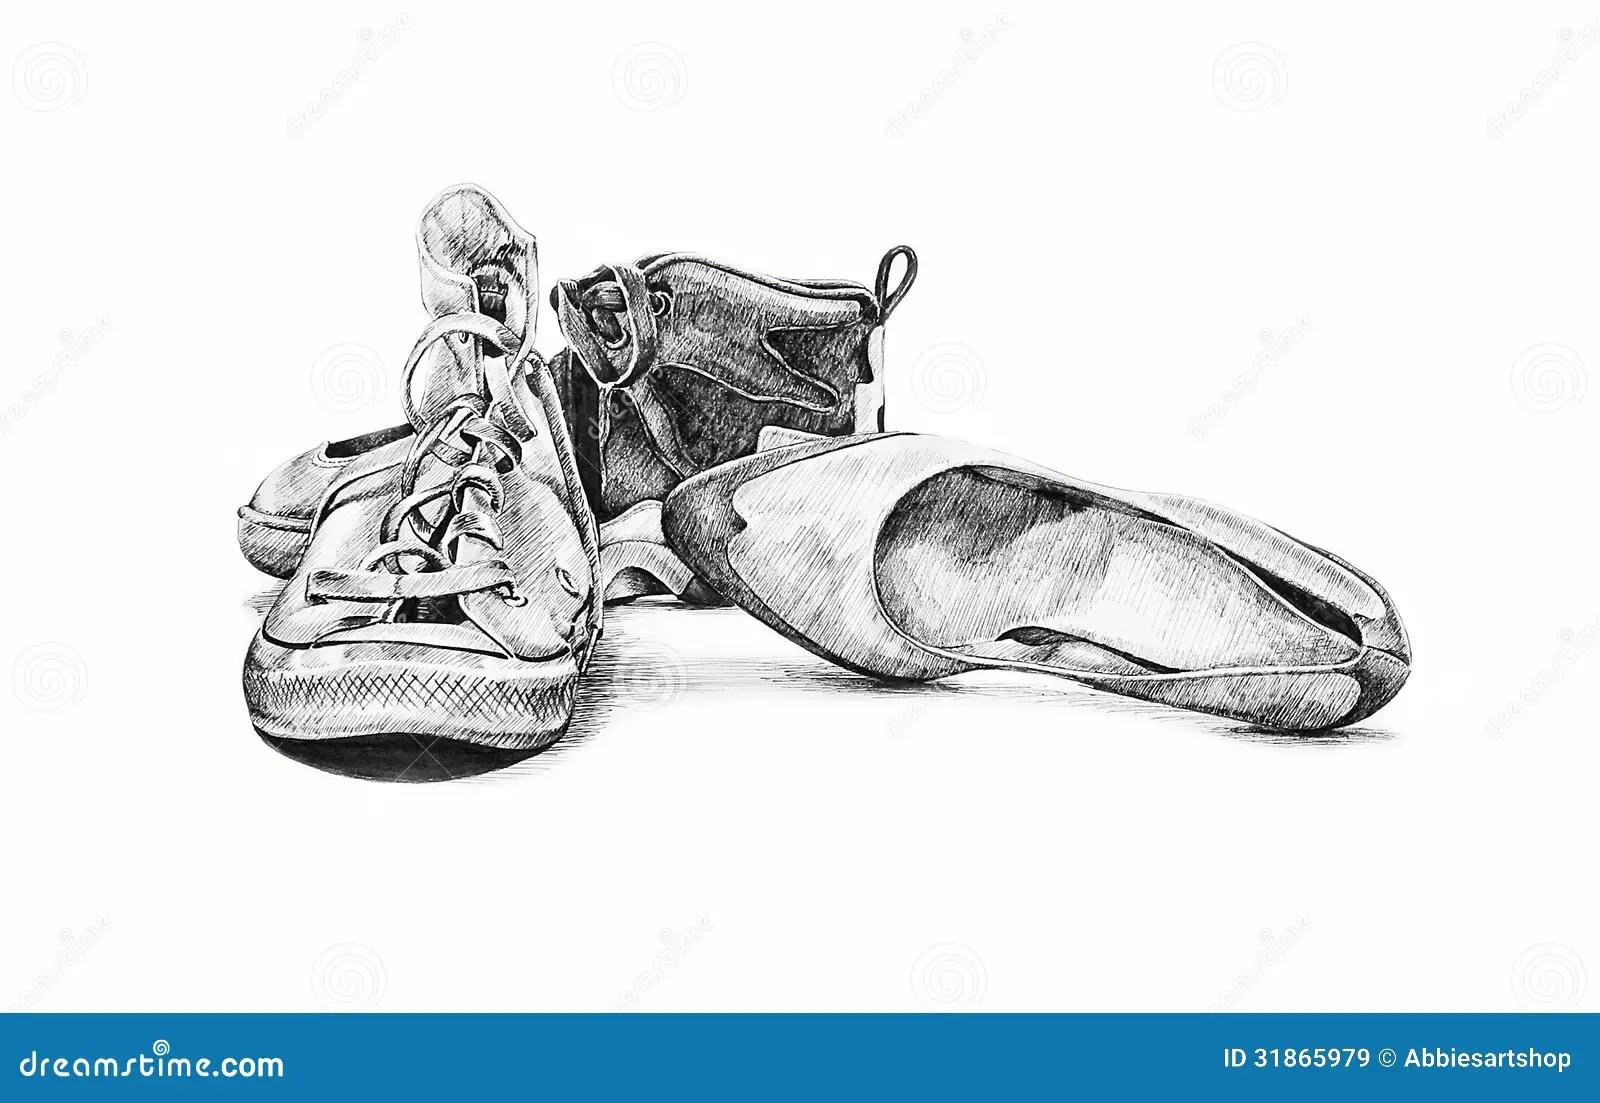 Scarpe D Annata Illustrazione Disegnata A Mano